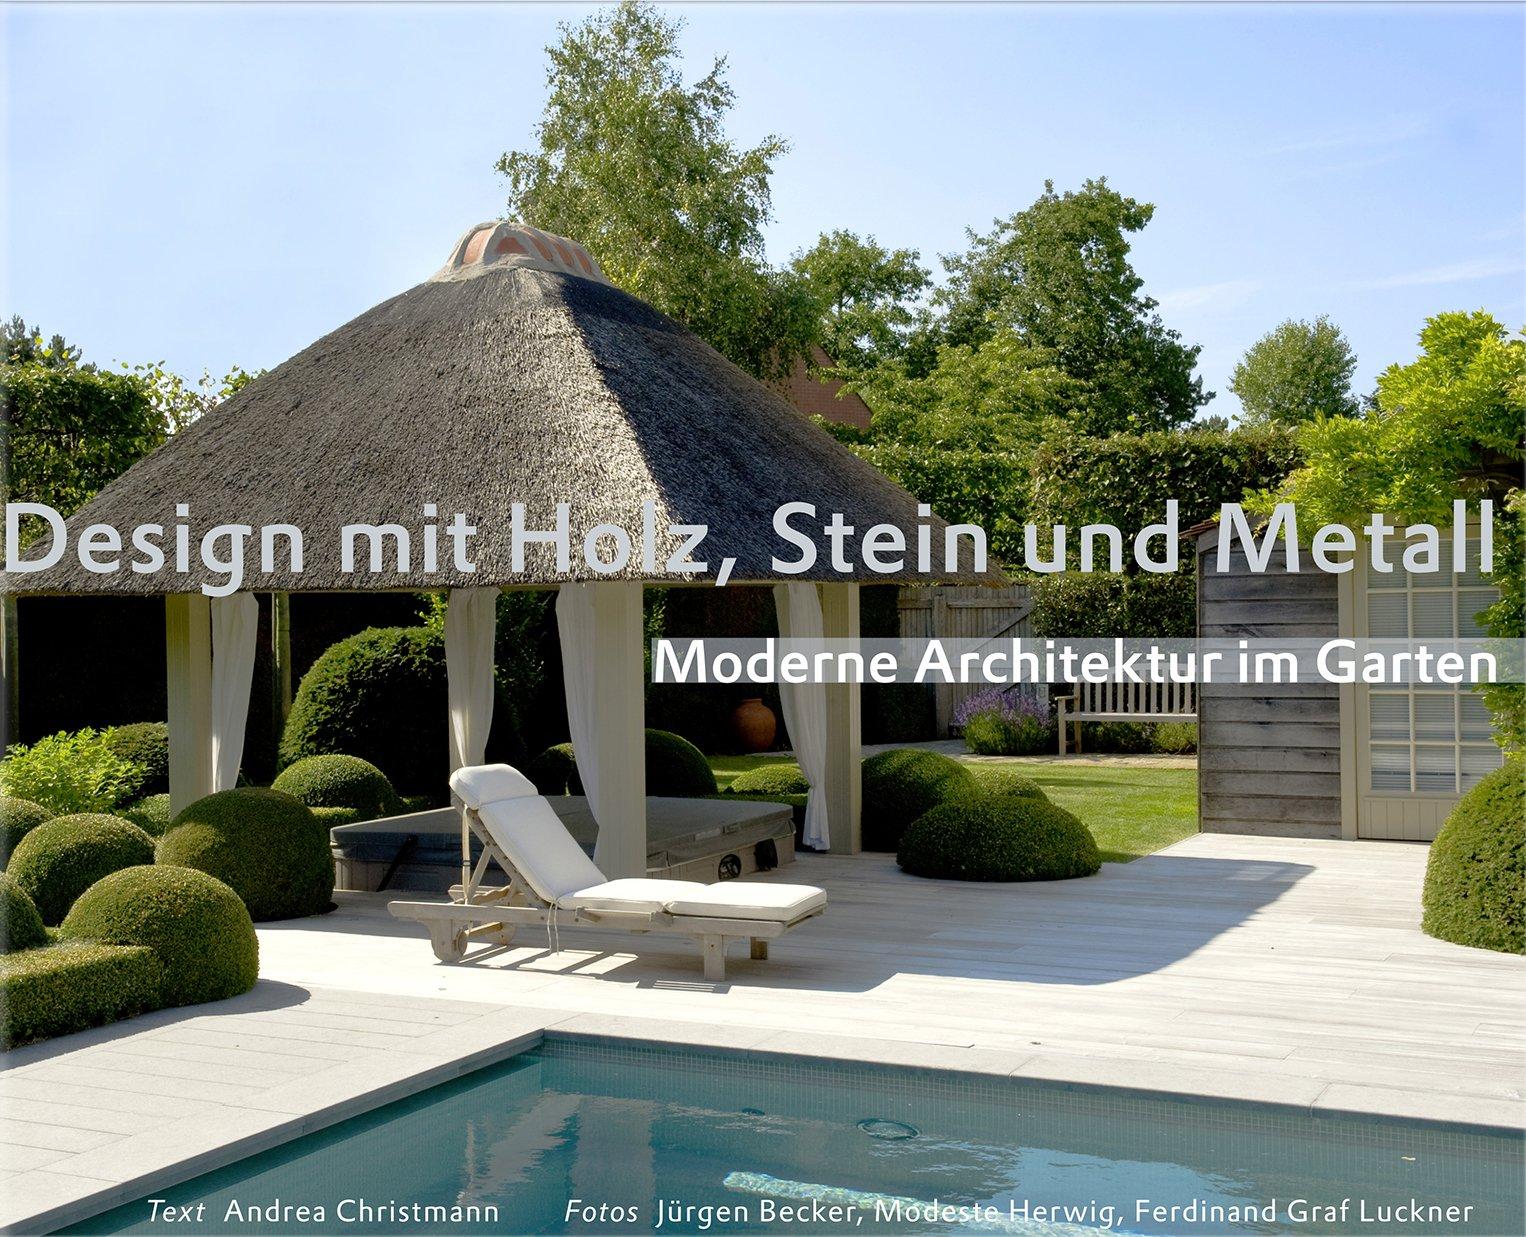 Design Mit Holz, Stein Und Metall   Moderne Architektur Im Garten Garten   Und Ideenbücher BJVV: Amazon.de: Andrea Christmann, Jürgen Becker  (Fotografie), ...